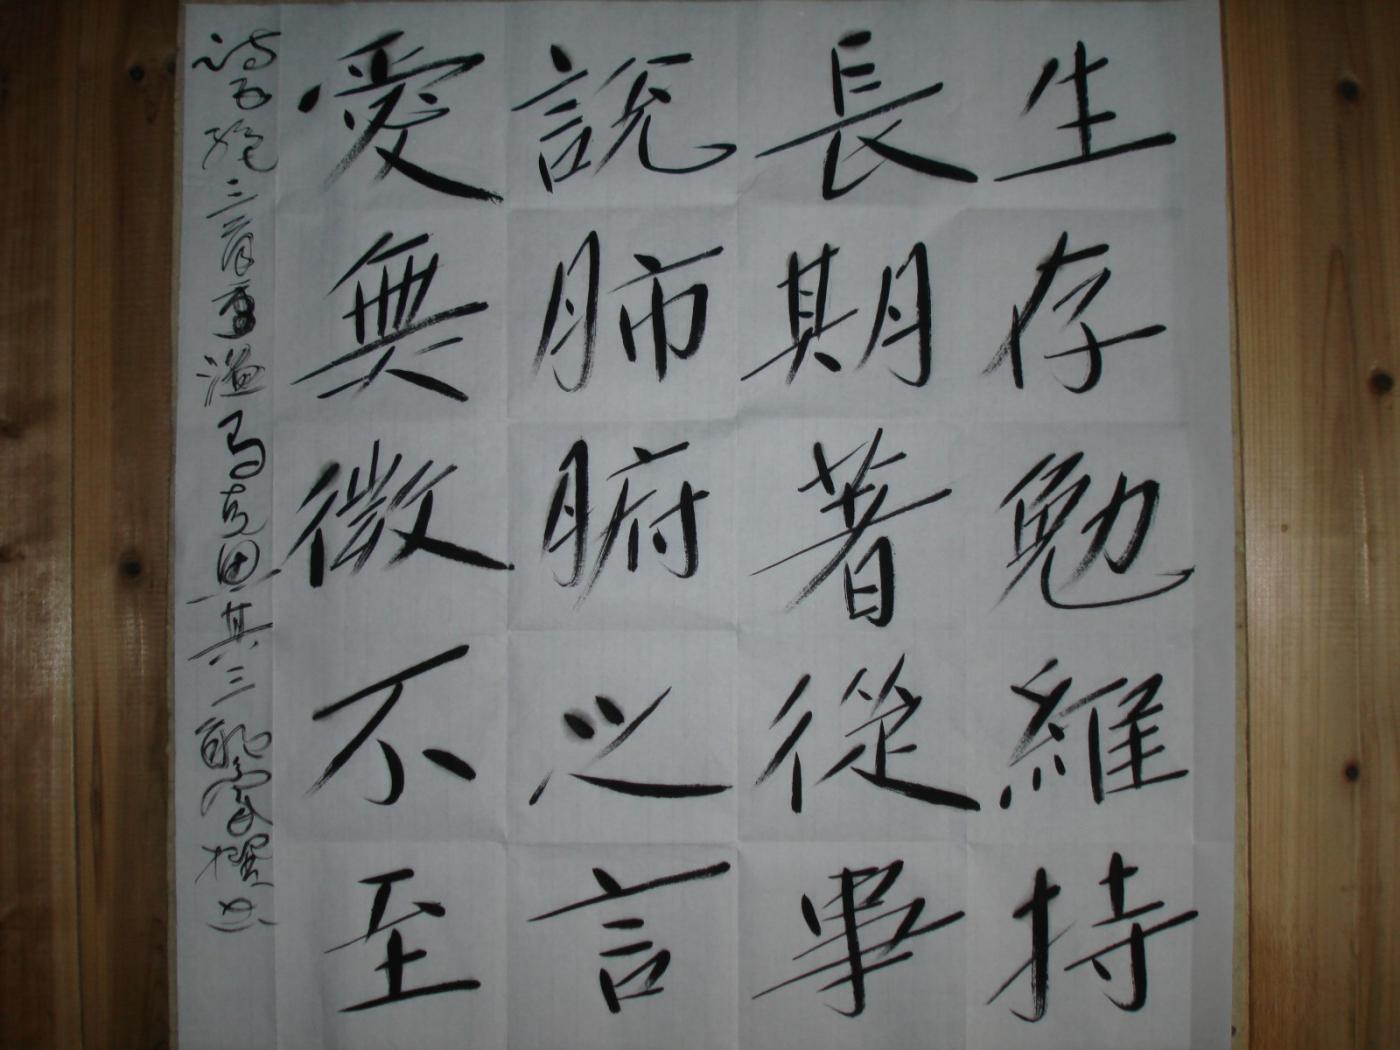 徐敏豪诗五绝3则真榜书2尺生宣斗方3幅(245)_图1-3